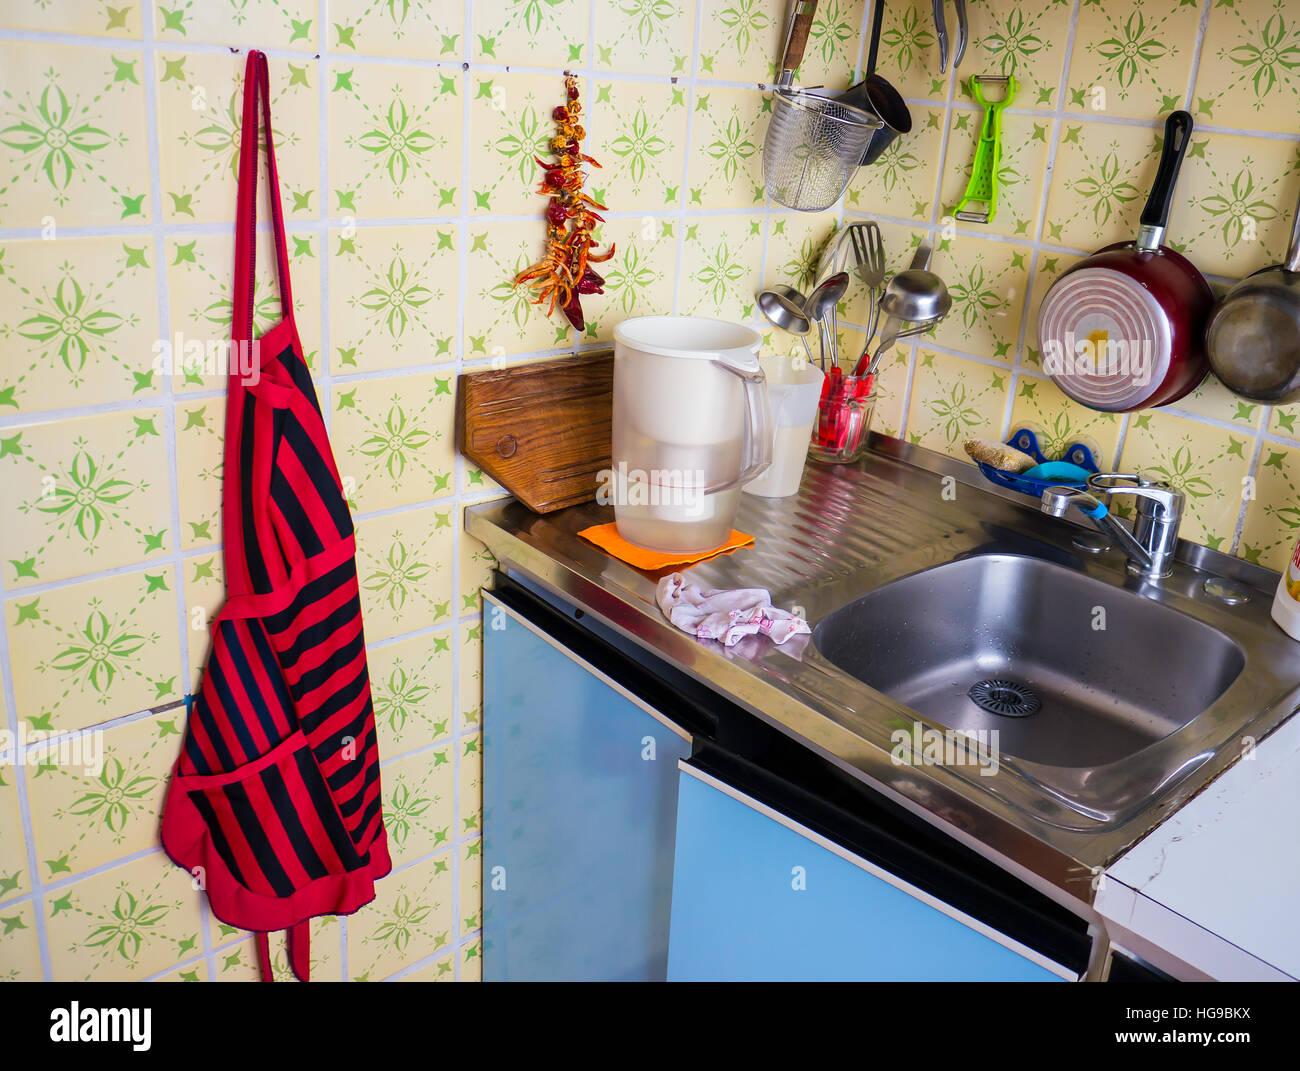 La cucina gli sfondi e gli oggetti. Immagini Stock